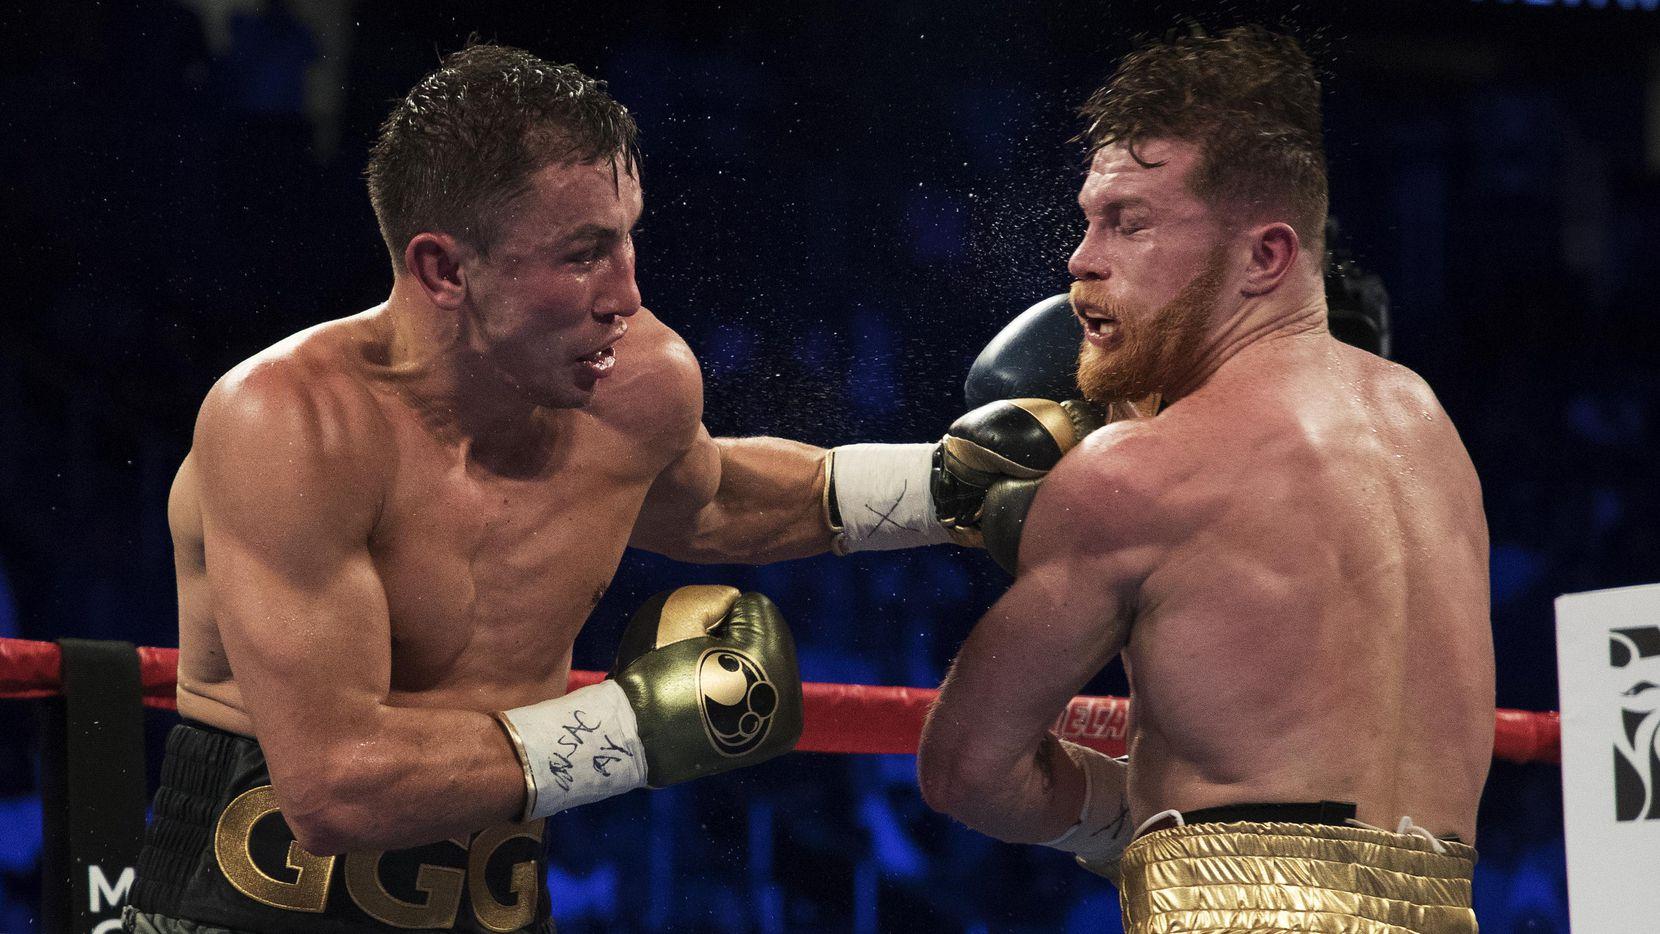 Gennady Golovkin golpea a Saúl Álvarez durante su pelea el 16 de septiembre en Las Vegas. (Getty Images/Al Bello)